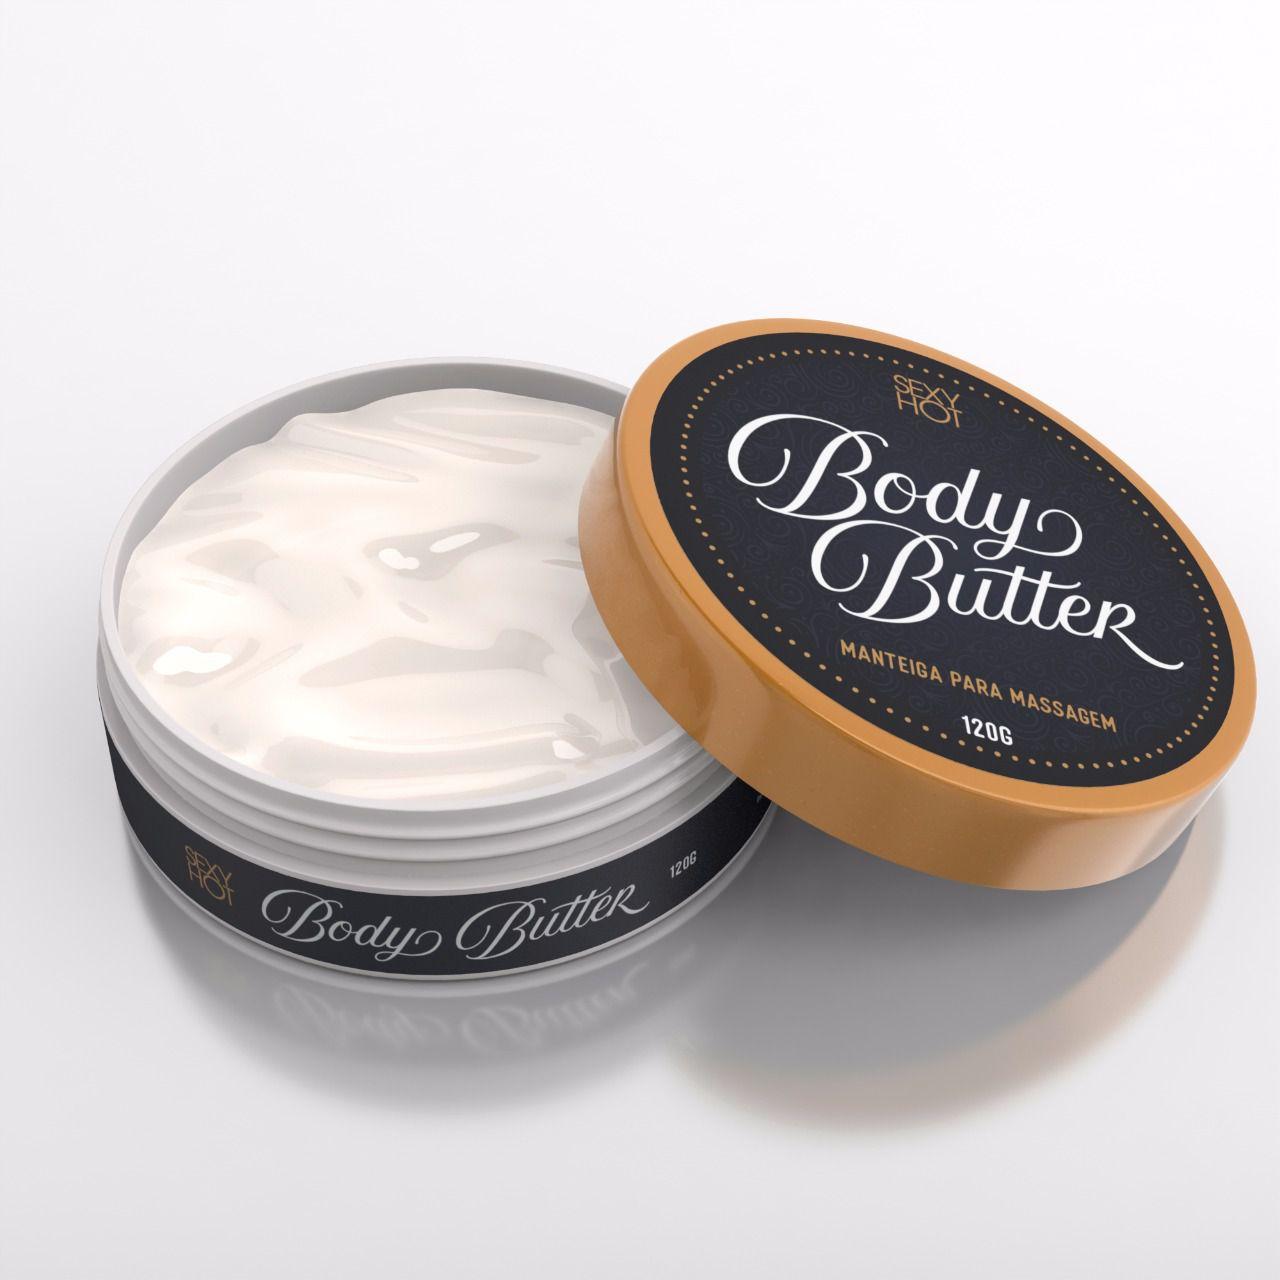 Body Butter Manteiga para Massagem 120g - Sexy Hot